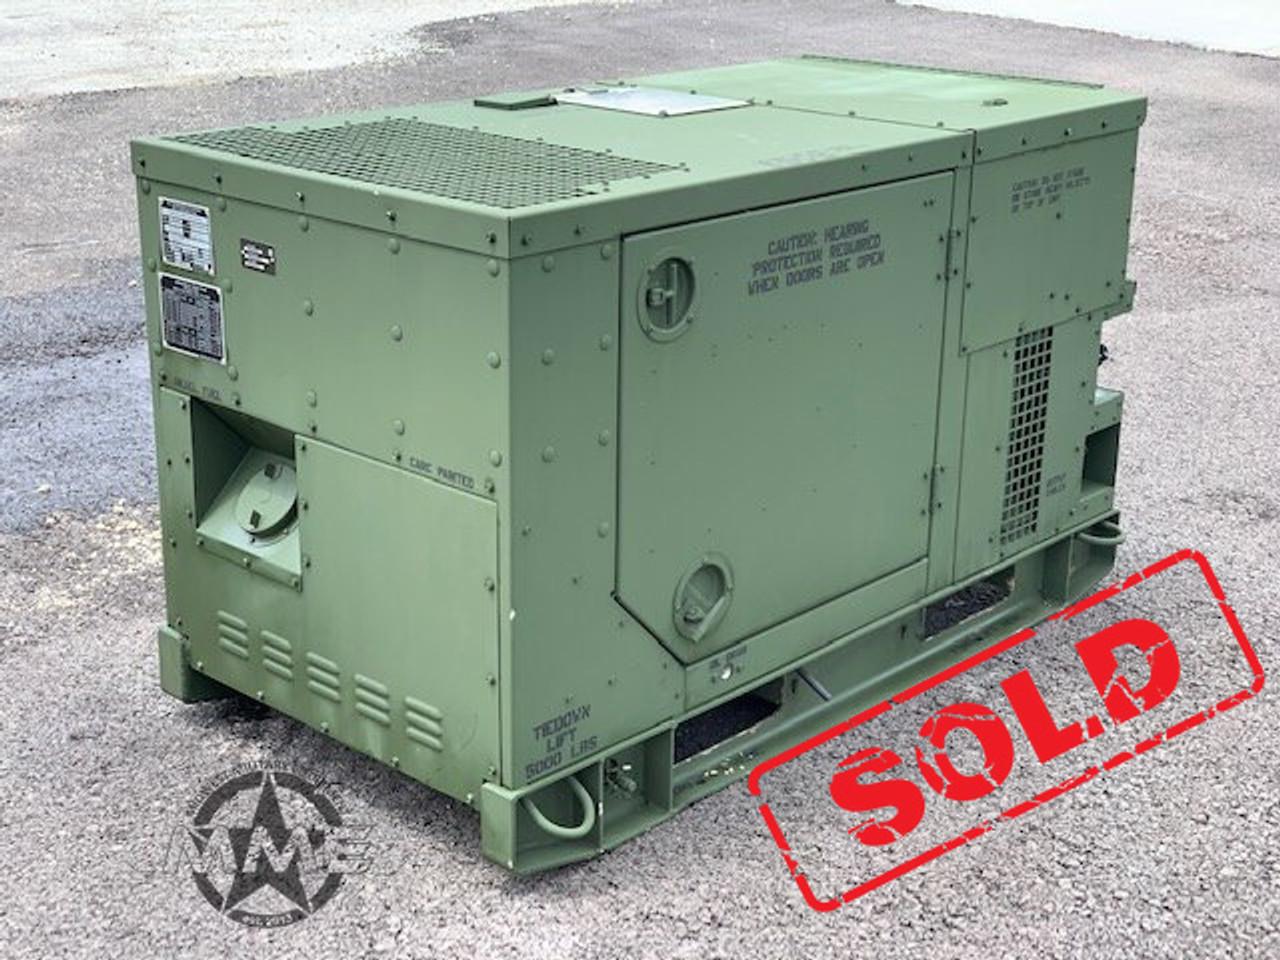 2011 Mep803a 10kw Diesel Quiet Generator 120 240 208 V Ac 60hz Midwest Military Equipment